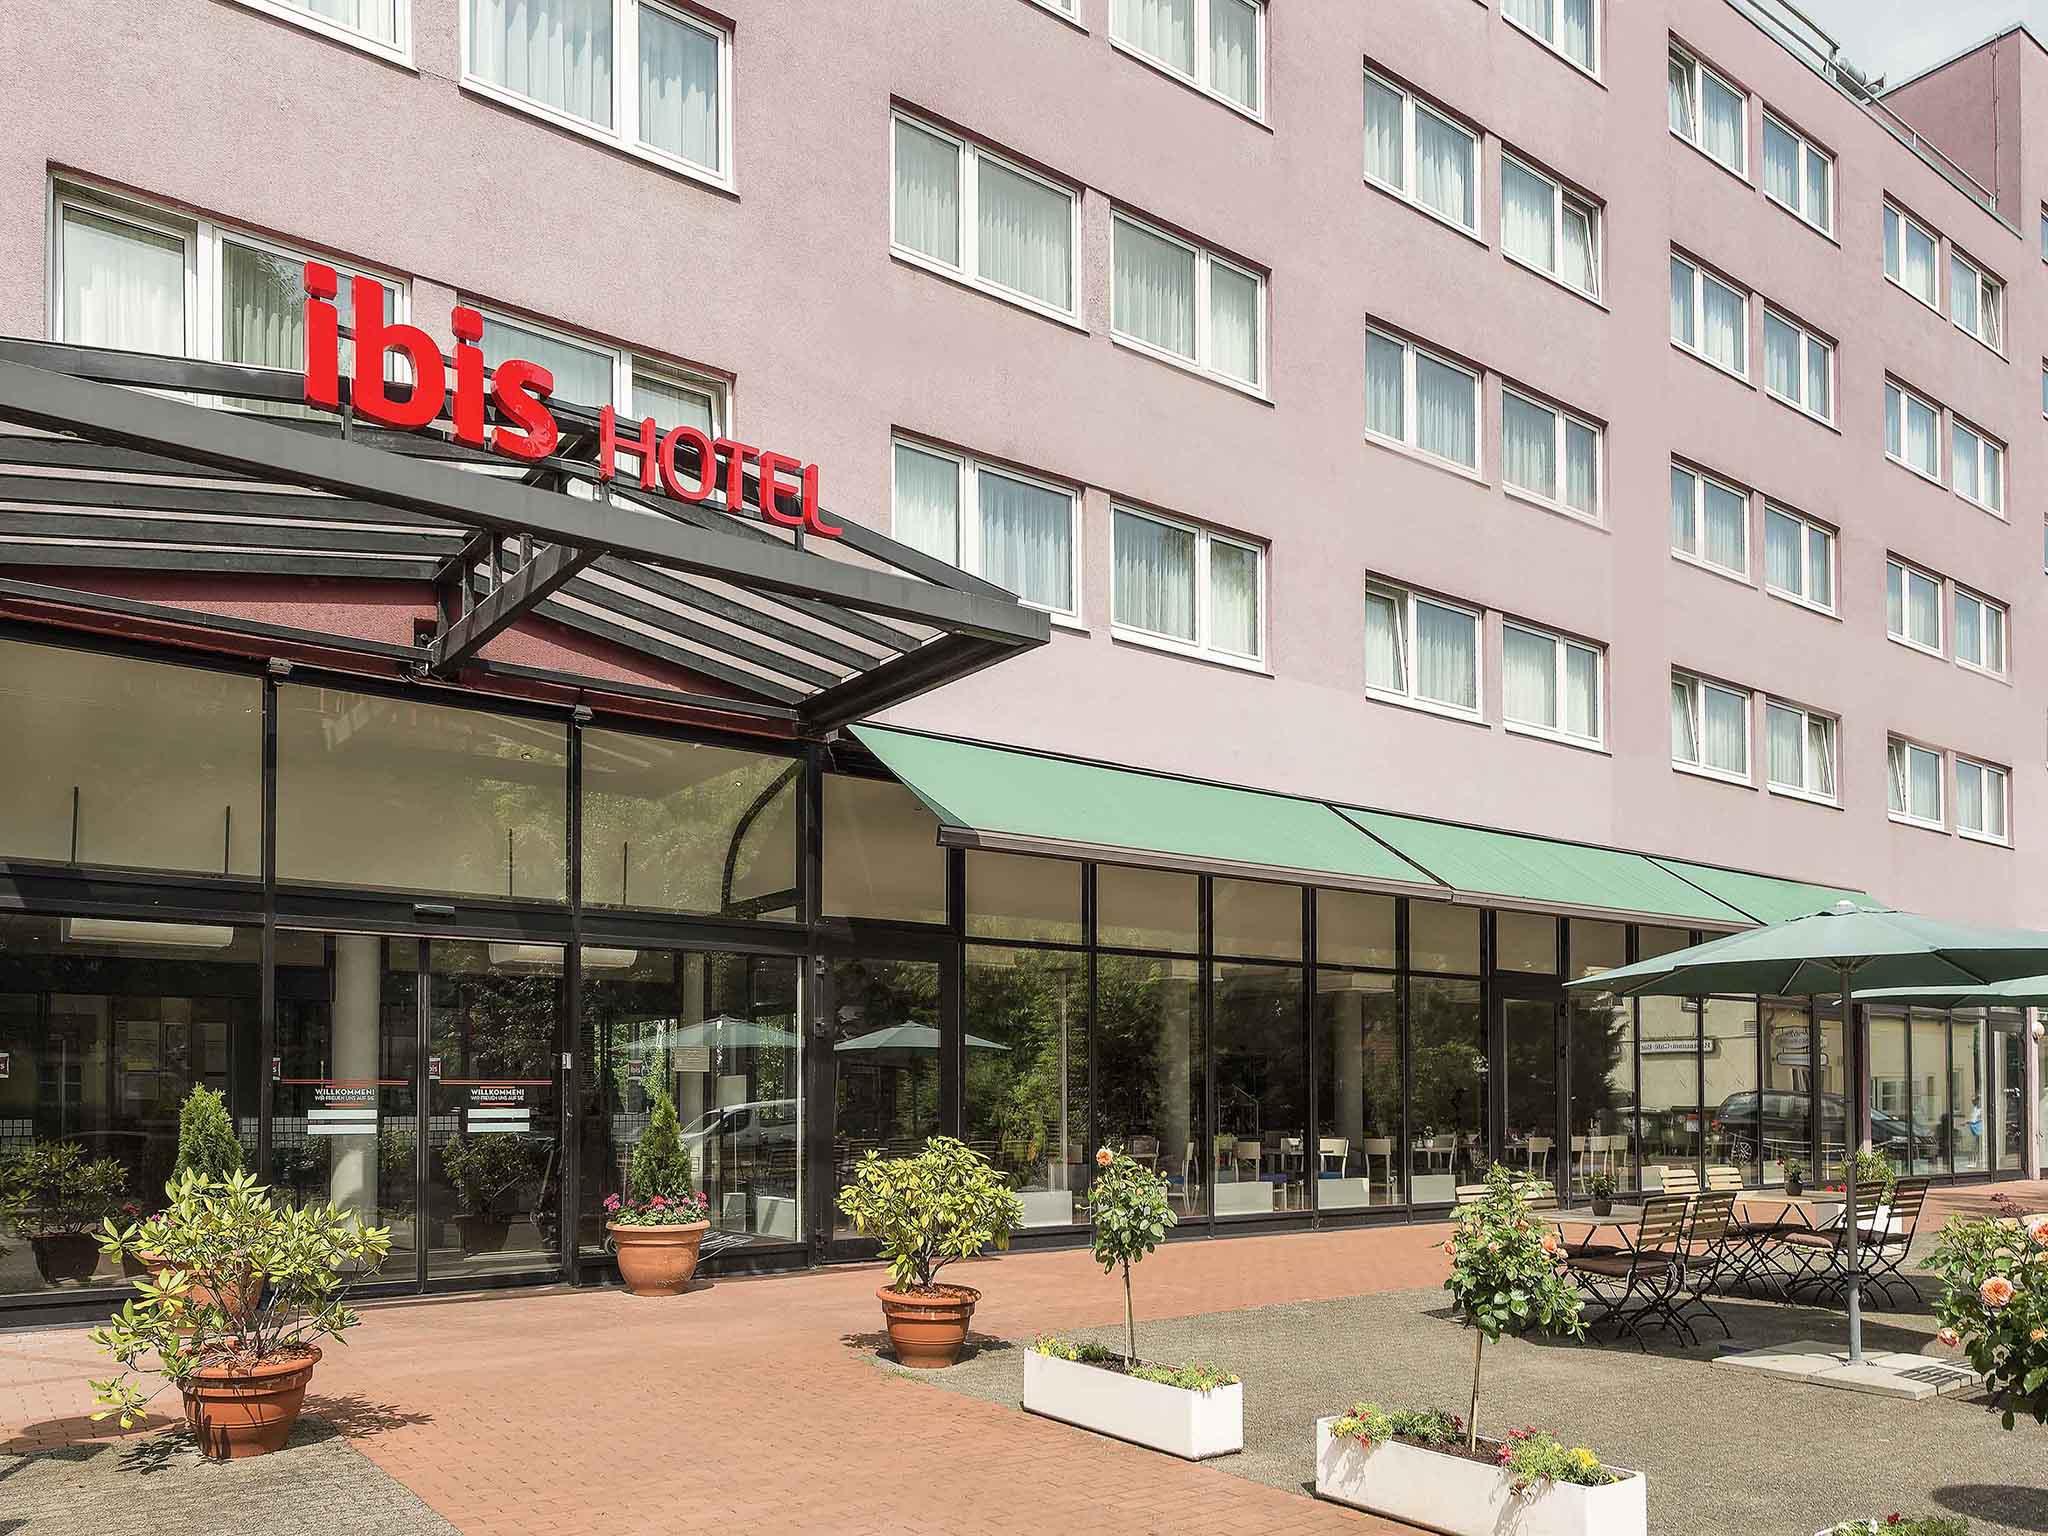 ホテル – イビスベルリンエアポートテーゲル